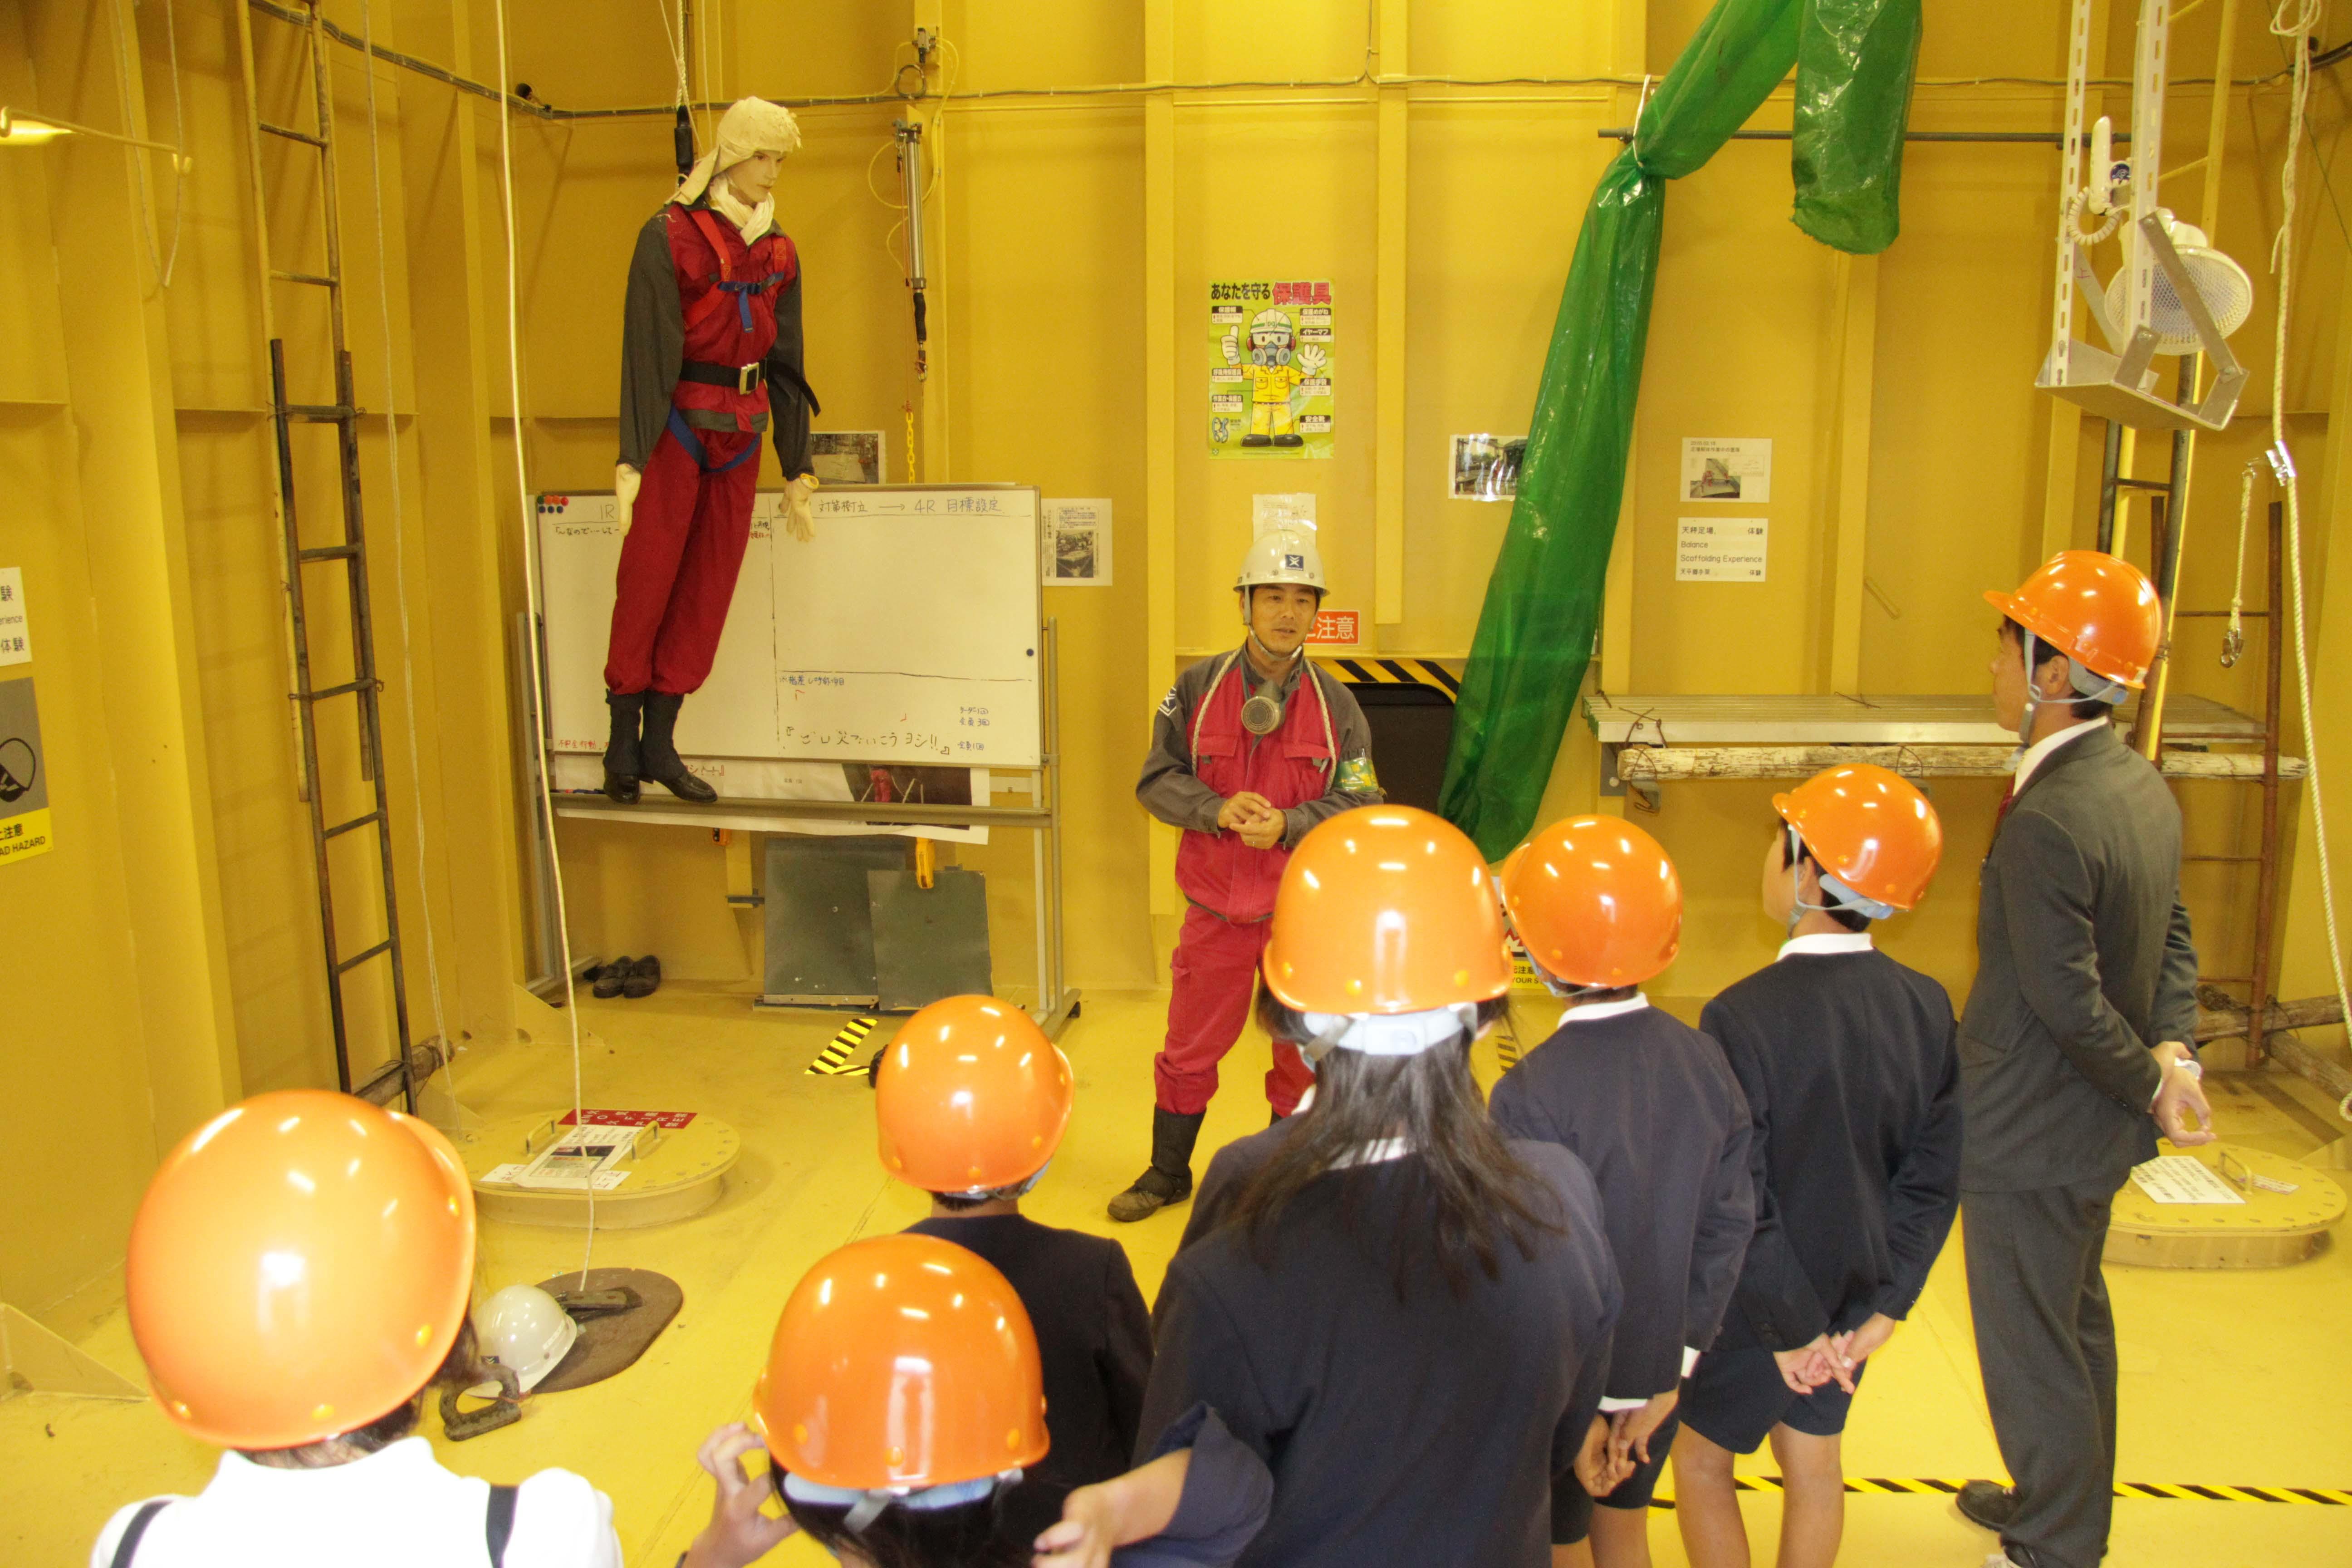 ものづくりを伝える常石造船工場見学会実施。福山市の小学生5年生を招待~ツネイシみらい財団